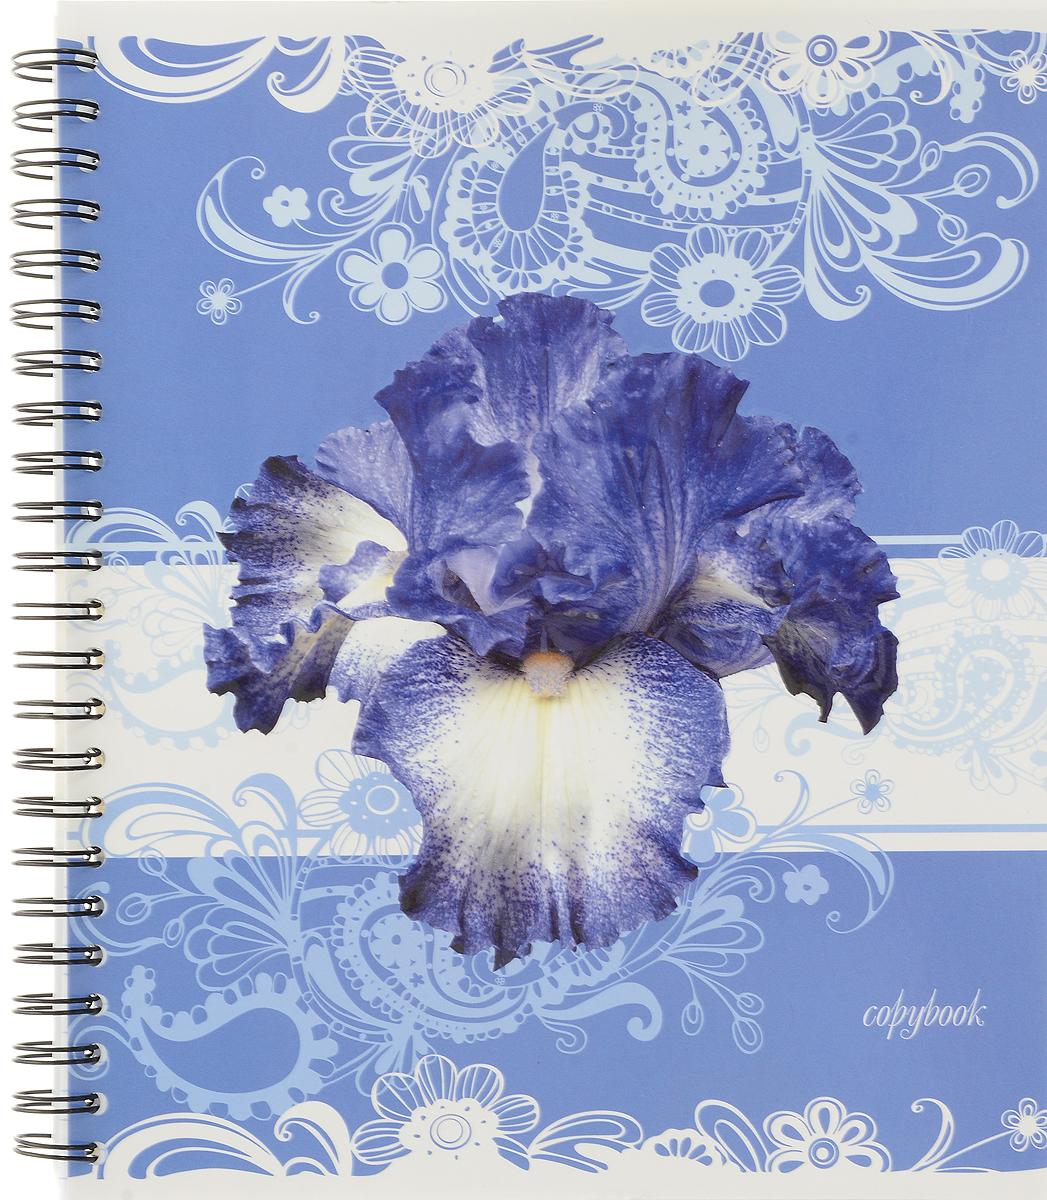 Полиграфика Тетрадь Цветы в узорах 96 листов в клетку цвет голубой72523WDТетрадь Полиграфика Цветы в узорах подойдет как школьнику, так и студенту.Обложка, выполненная из плотного картона, позволит сохранить тетрадь в аккуратном состоянии на протяжении всего времени использования. Обложка оформлена изображением объемных цветов.Внутренний блок тетради, соединенный металлическим гребнем, состоит из 96 листов белой бумаги в голубую клетку без полей.